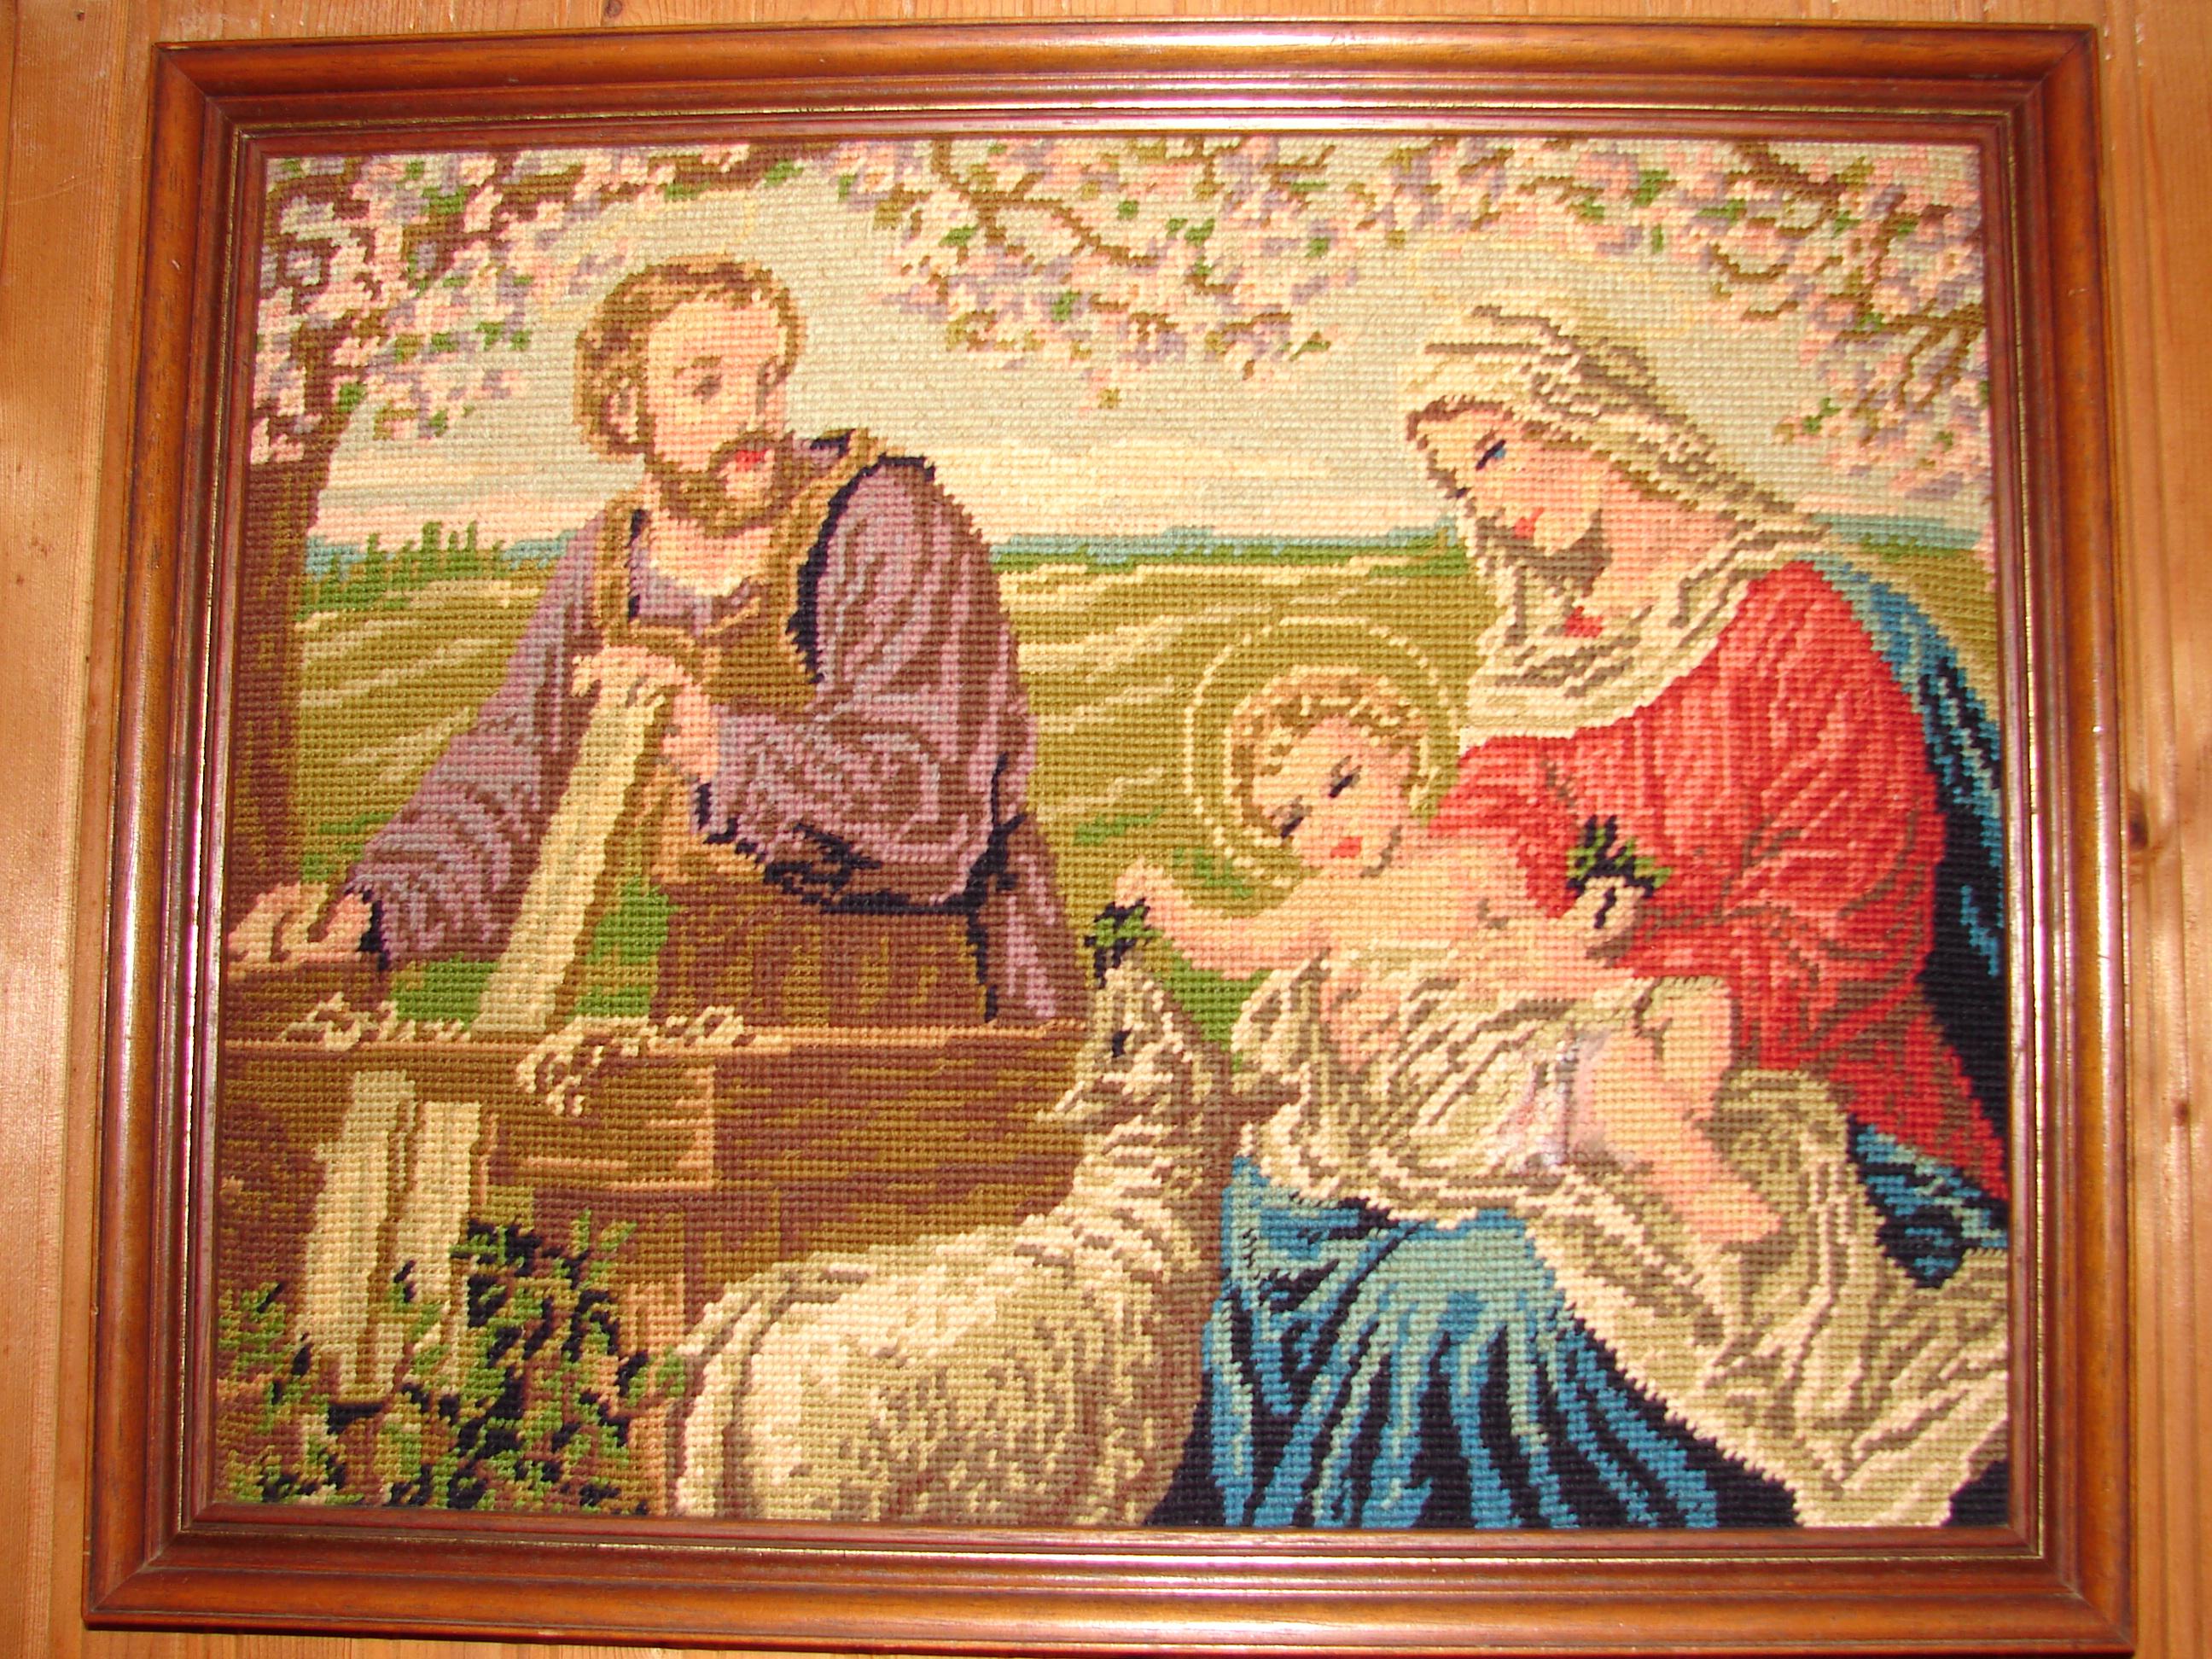 Le MOIS de SAINT JOSEPH par le R.P. Pedini (1854) Canevas-de-la-ste-famille-571f628